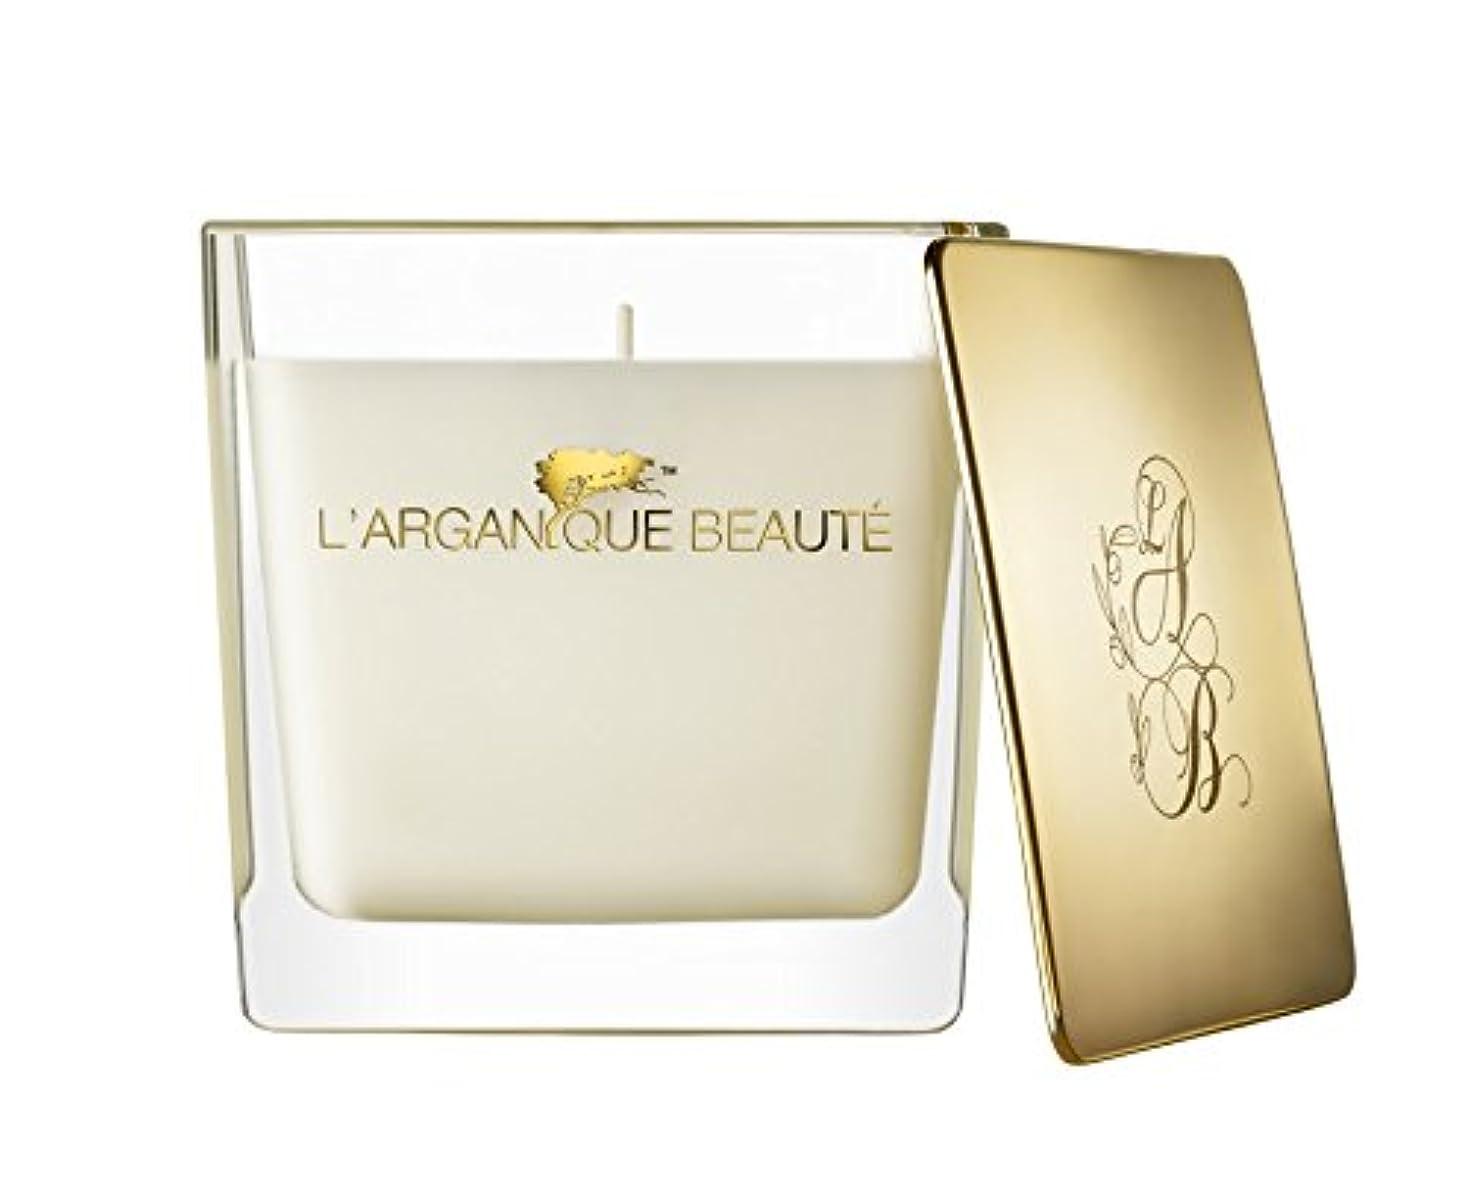 アサー嬉しいですはげL 'arganique Beaute Luxury Scented Candle、Perfumed香りSpa Candle – Made w/100 %大豆ワックス、鉛フリーWick、純粋なモロッコアルガンオイルEssence...